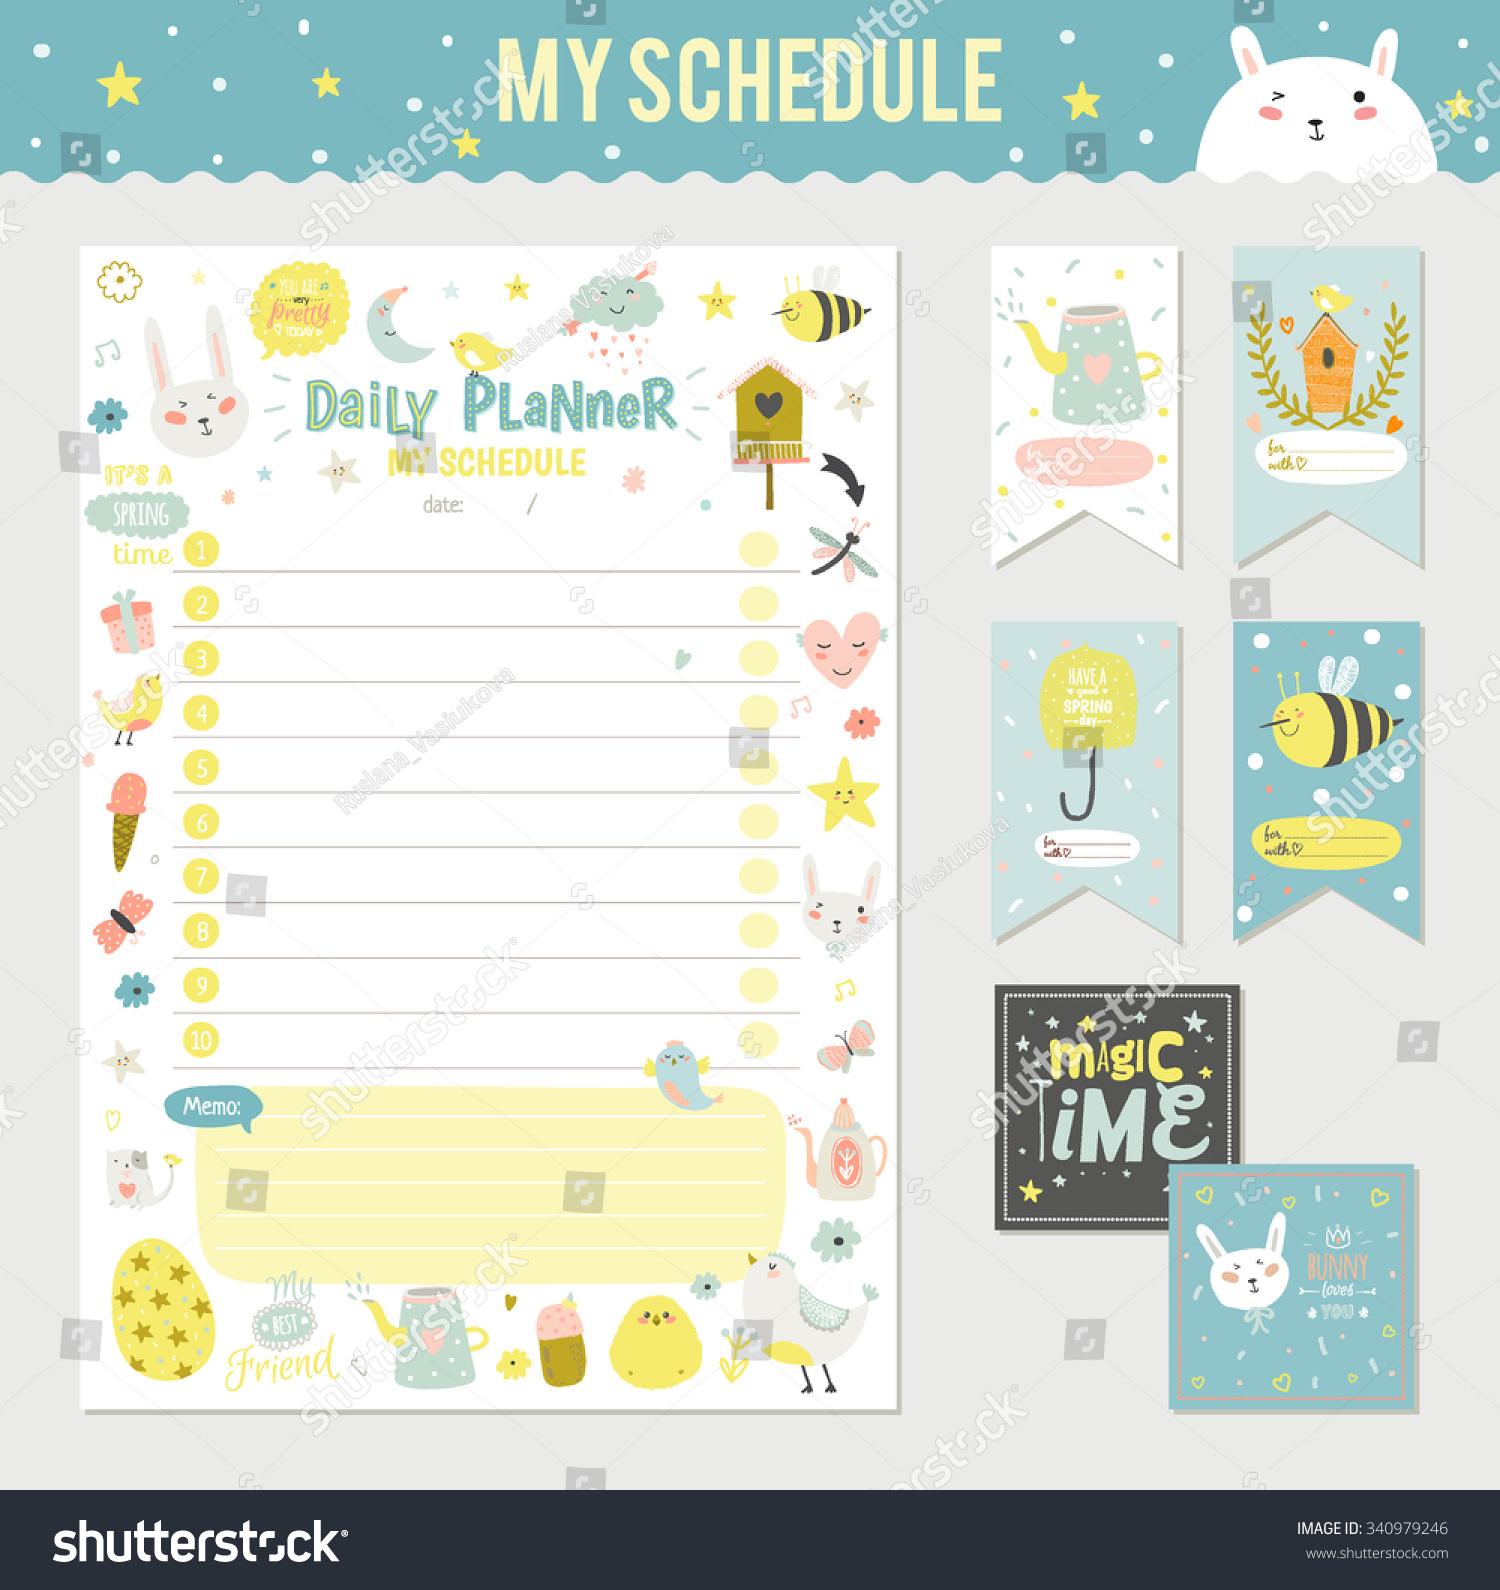 My Calendar Planner : Cute calendar daily planner template stock vector